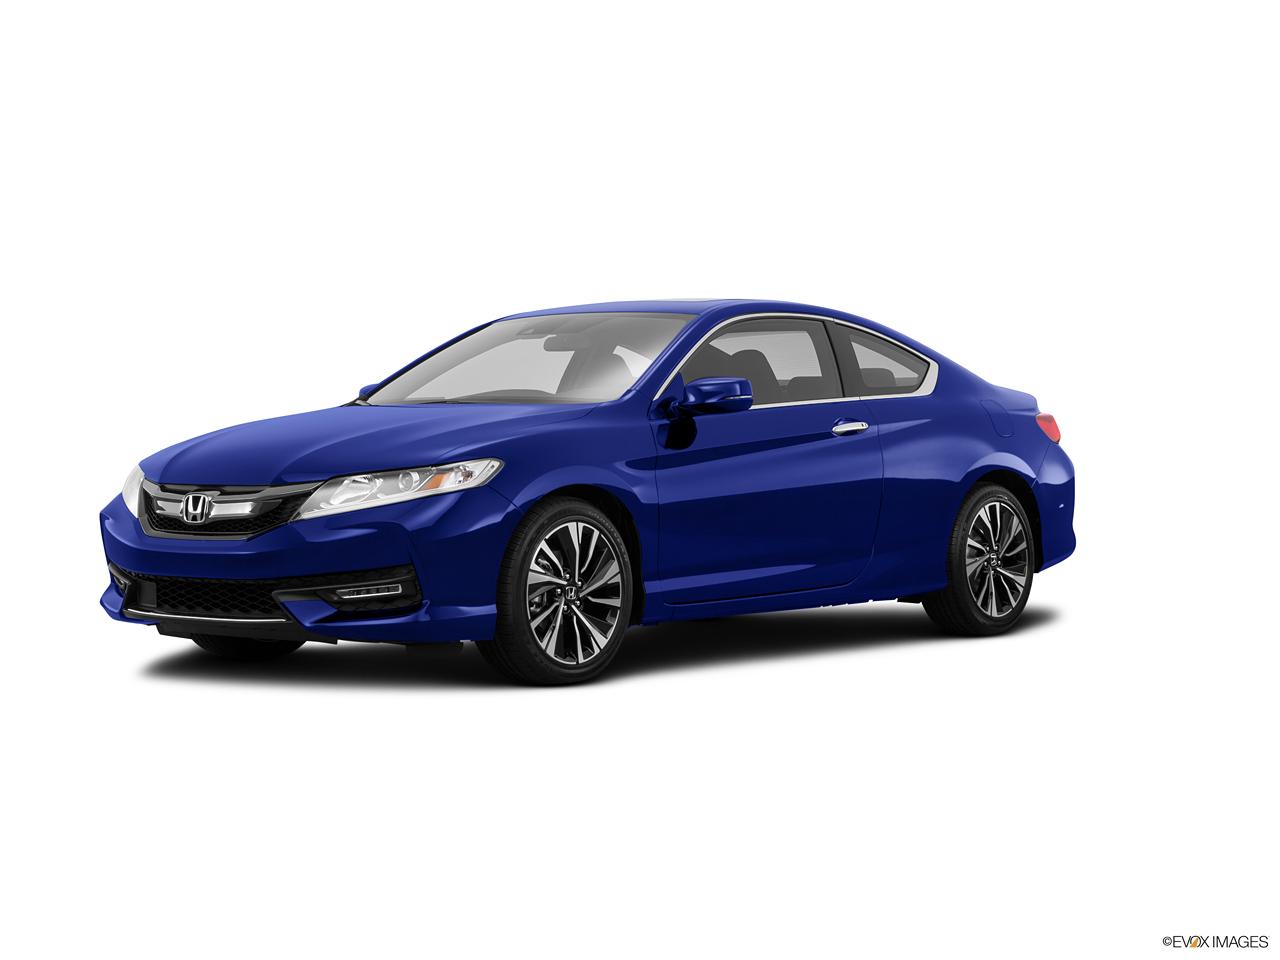 Honda accord 2017 3 5l v6 ex in uae new car prices specs for Honda accord 2017 v6 price